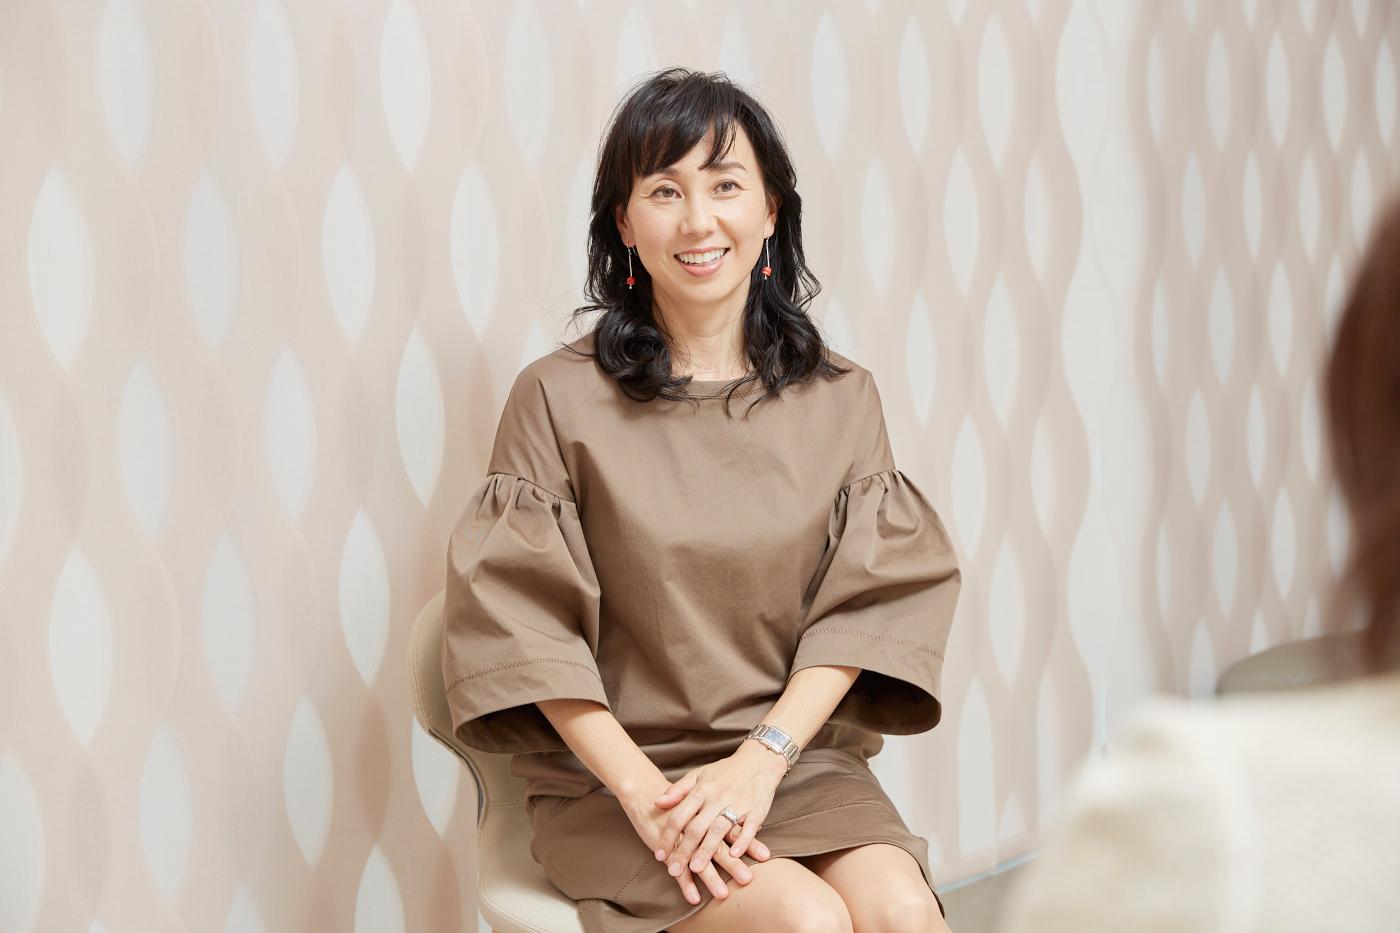 【医師監修】妊活先輩ママ東尾理子さんが聞く「不妊治療の病院選び・検査・治療法」